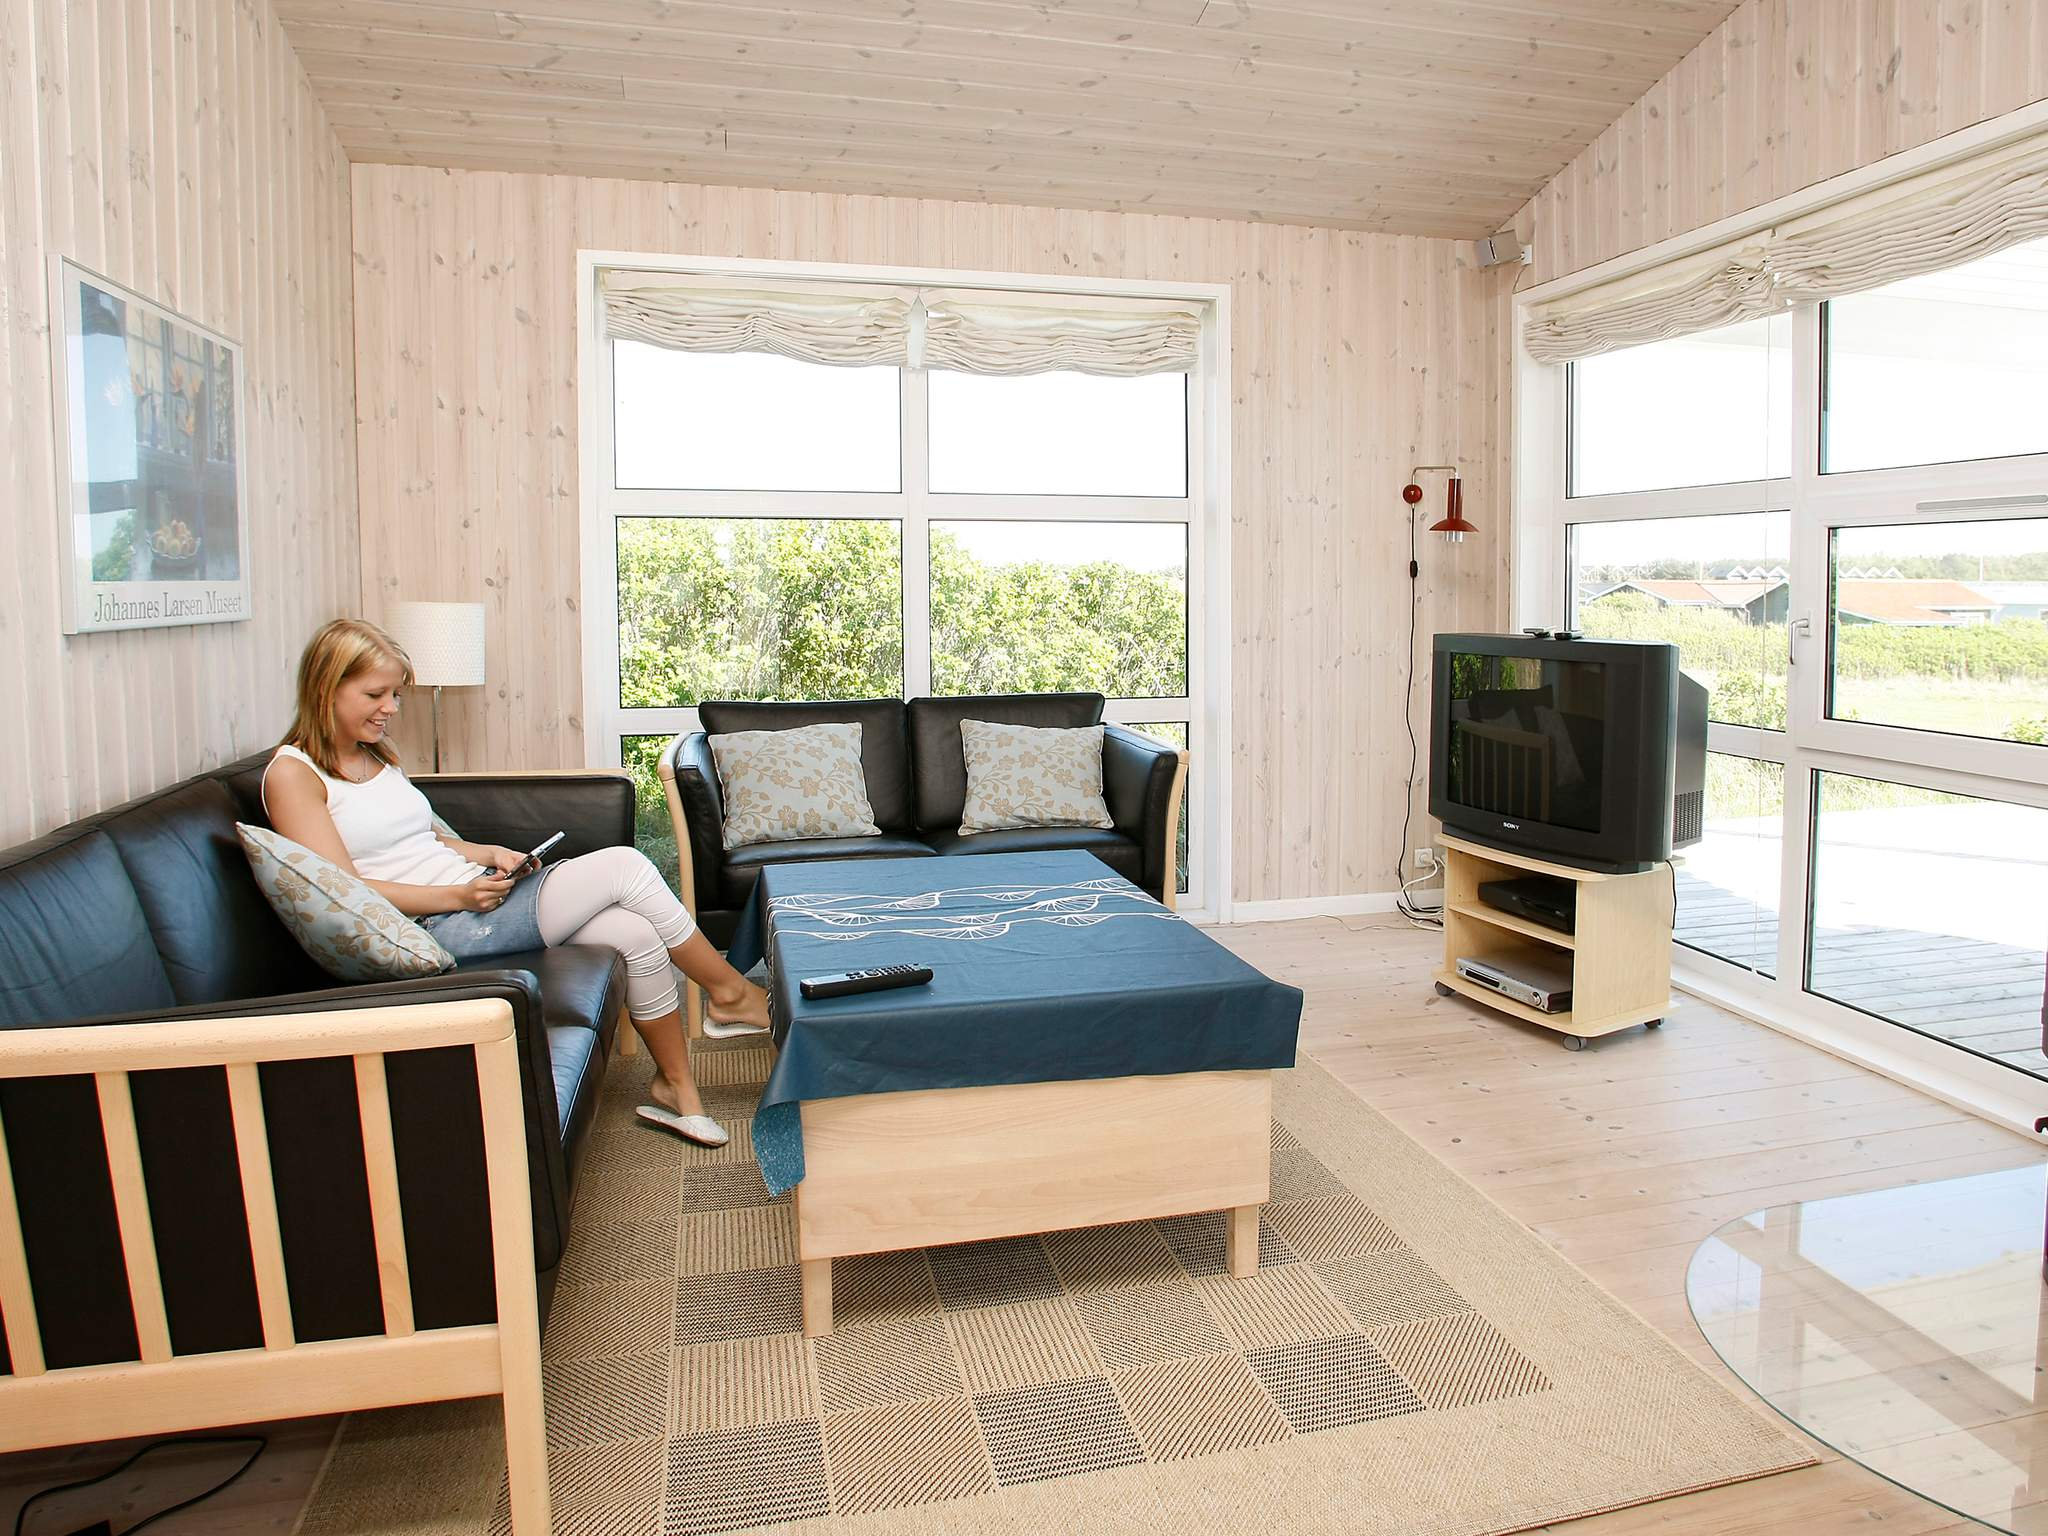 Ferienhaus Løkken (83922), Løkken, , Nordwestjütland, Dänemark, Bild 2